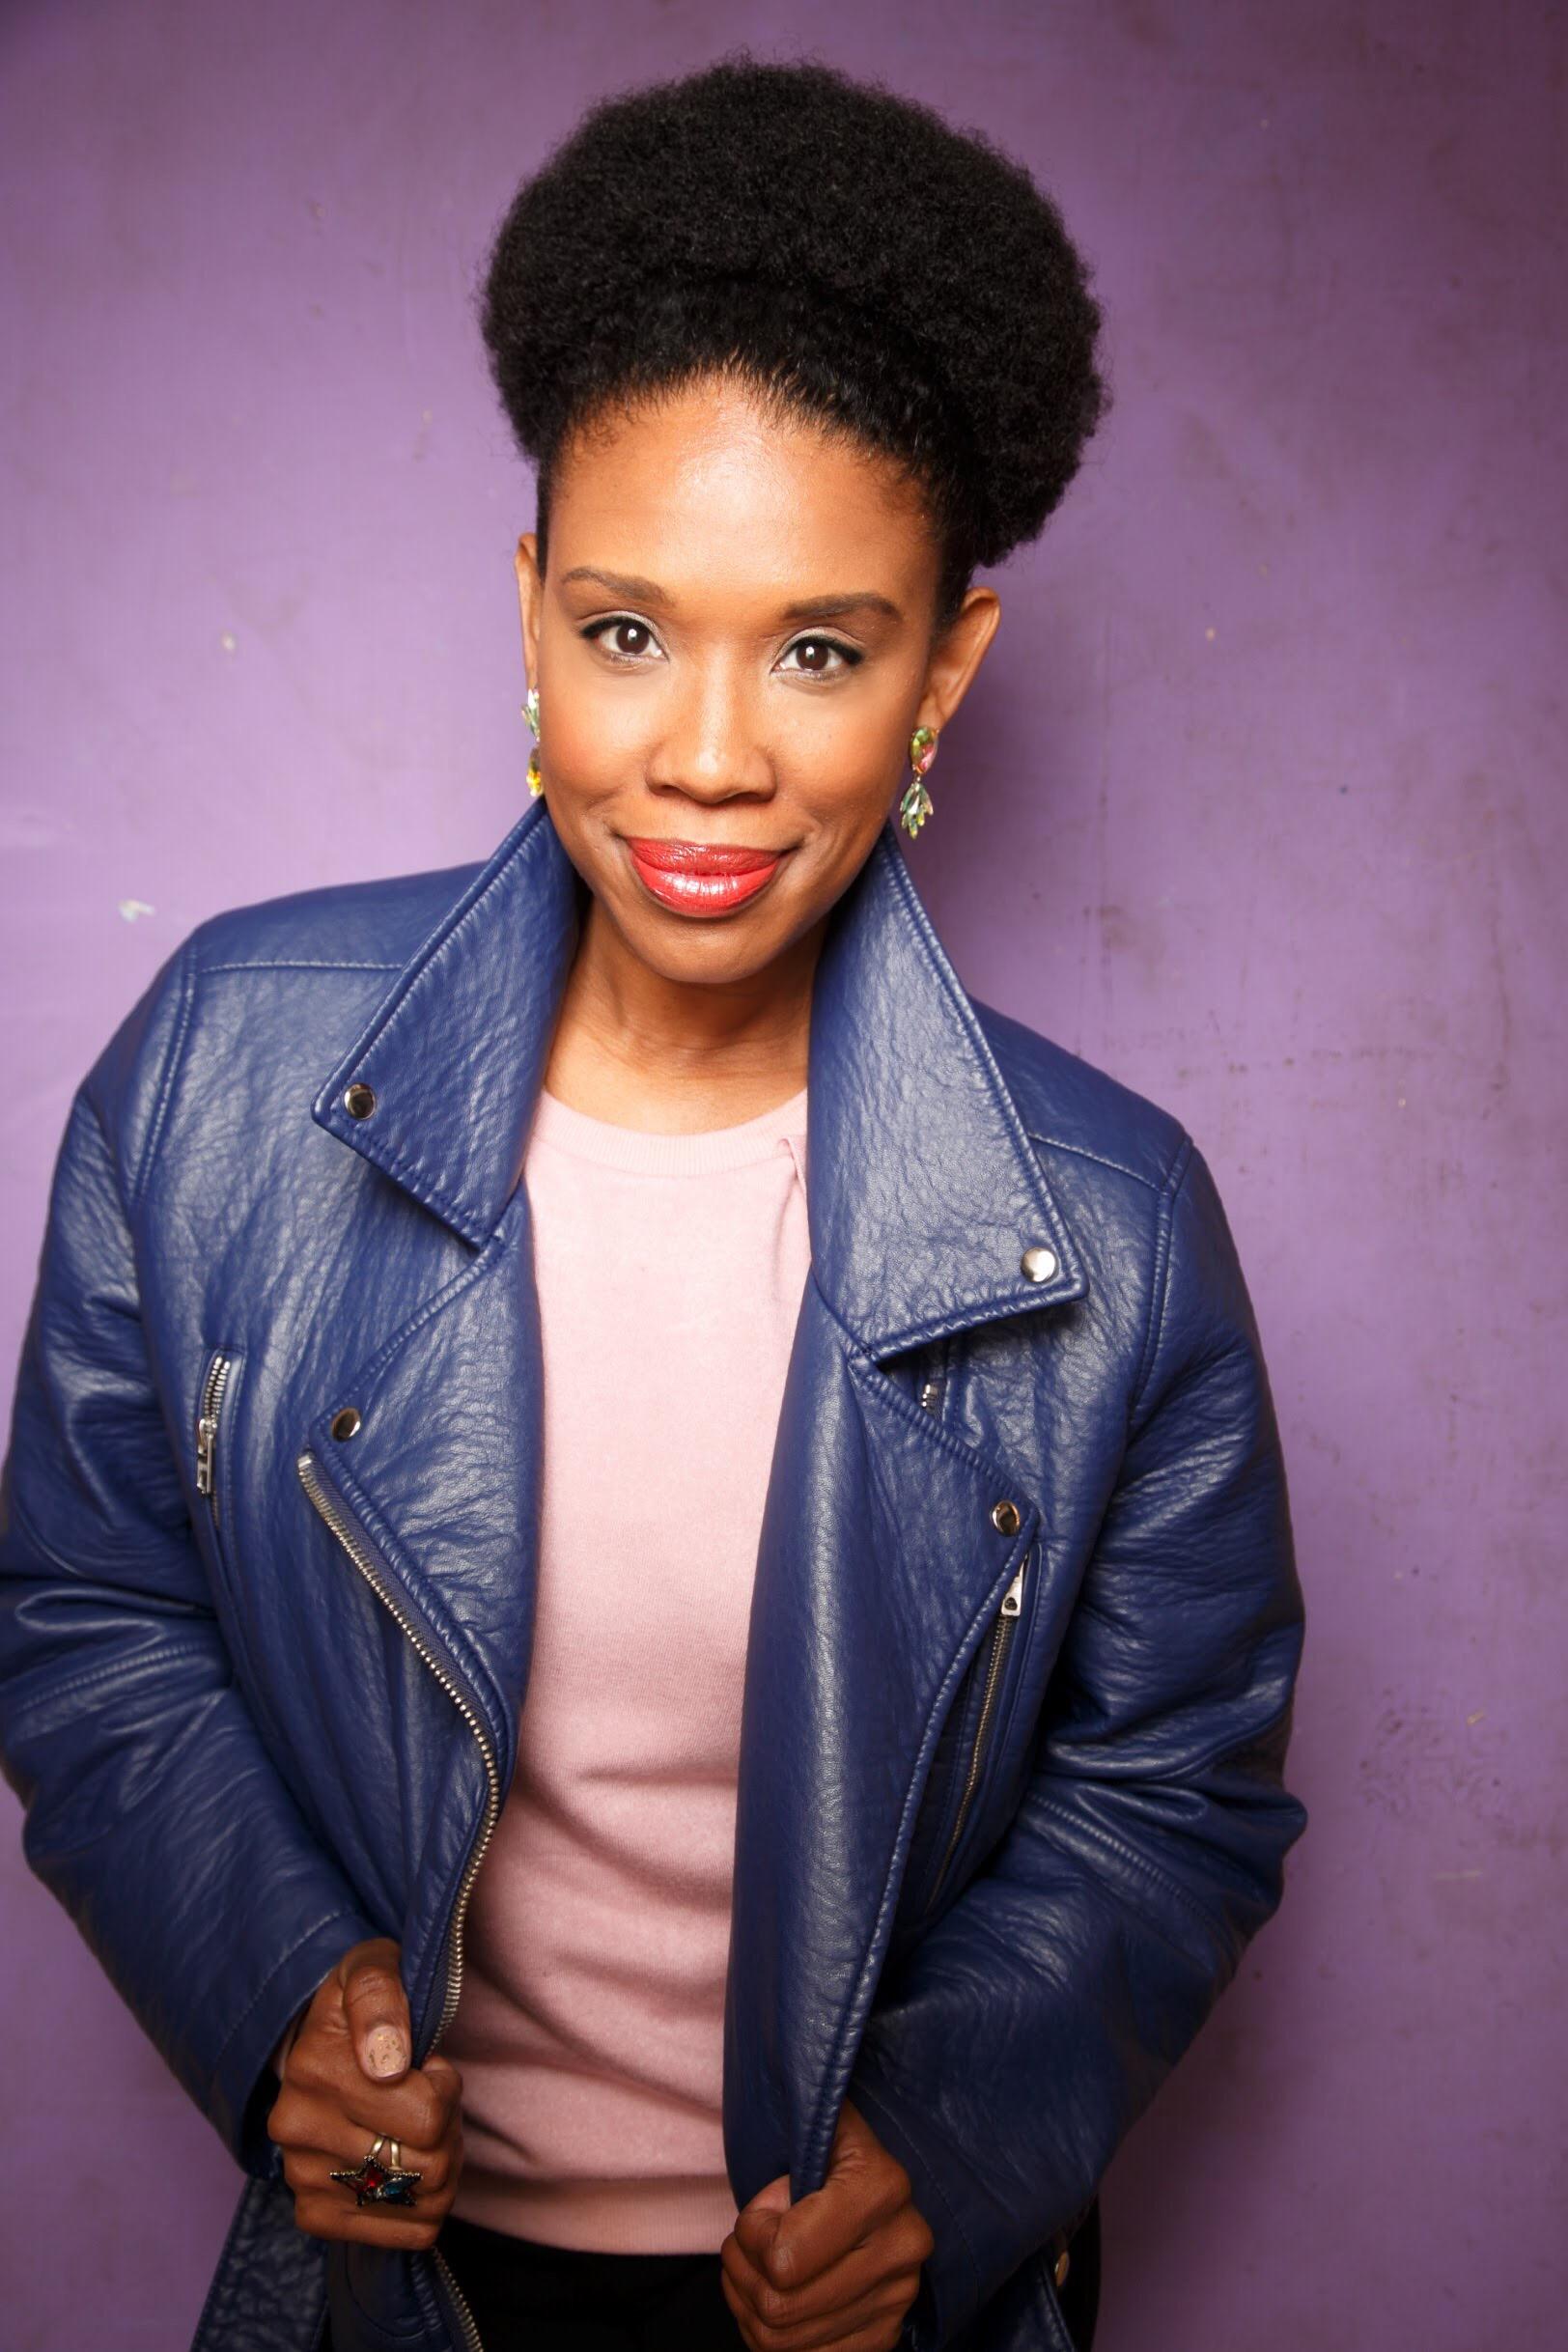 Joyelle Johnson